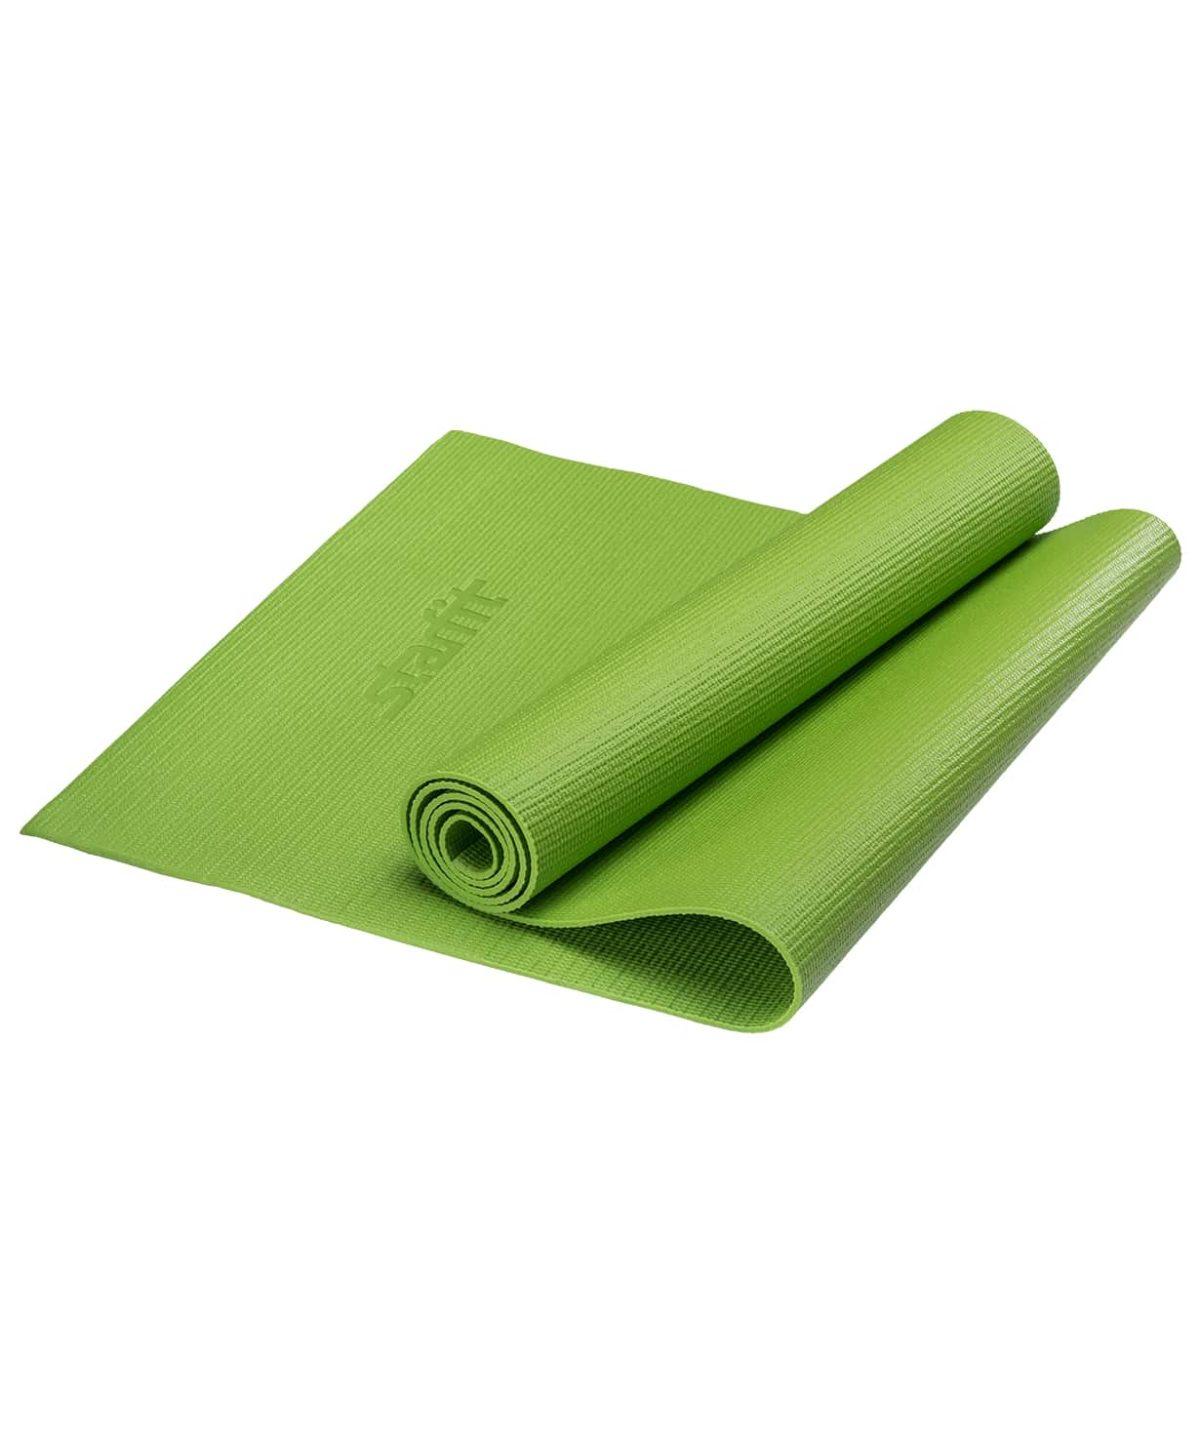 STARFIT Коврик для йоги FM-101 173х61х0,8см: зелёный - 1